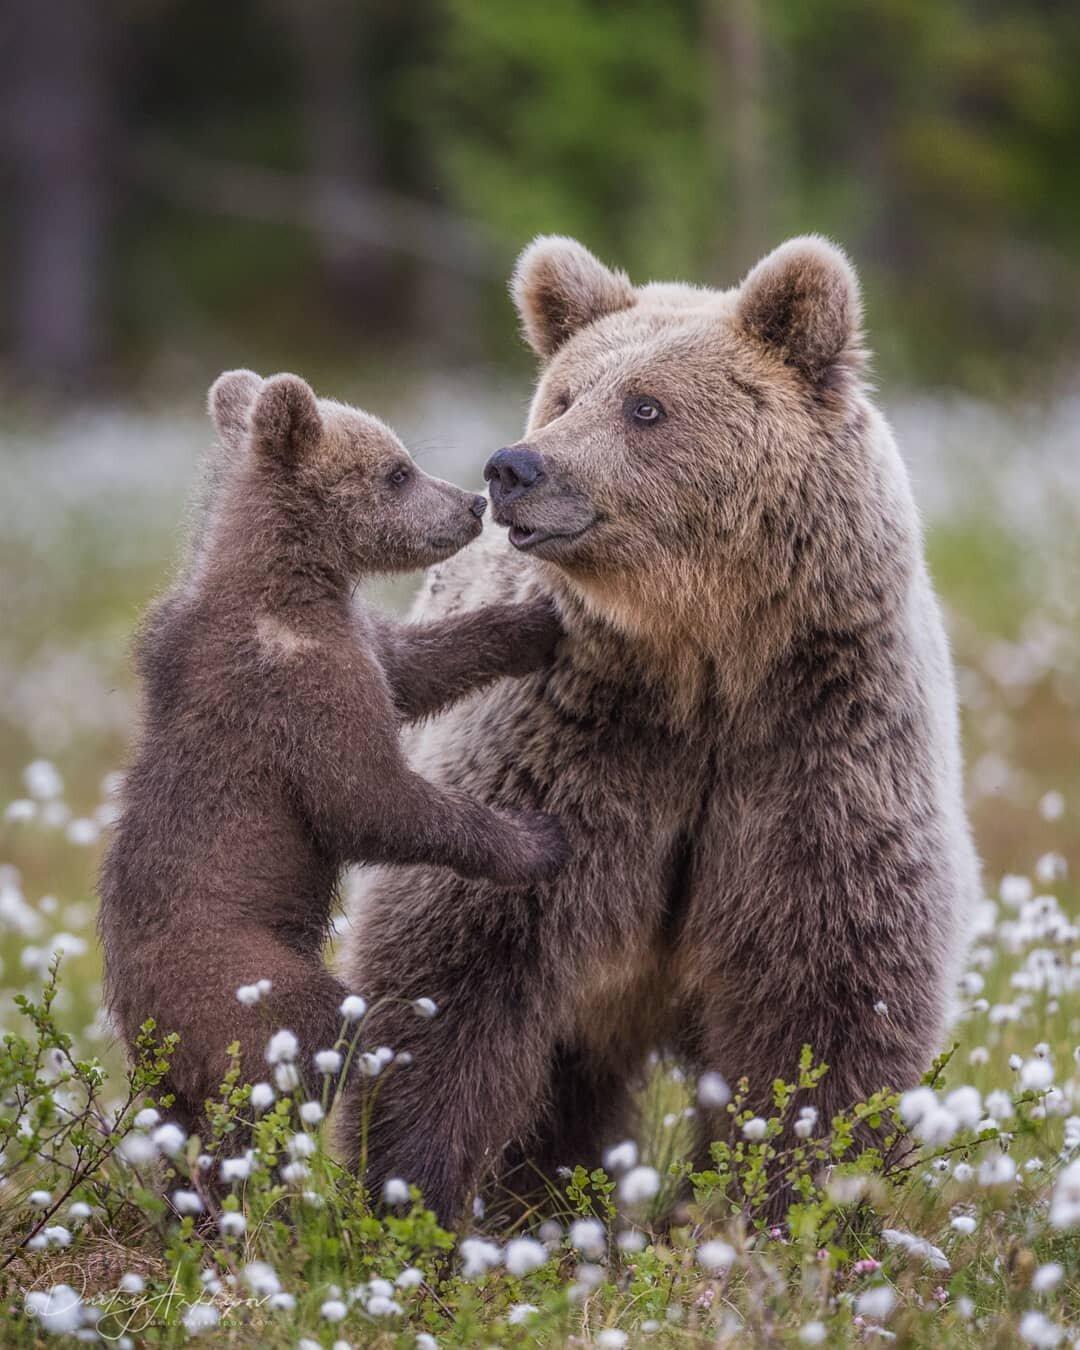 эти искренние красивые медвежата картинки увлекательно достоверно описал